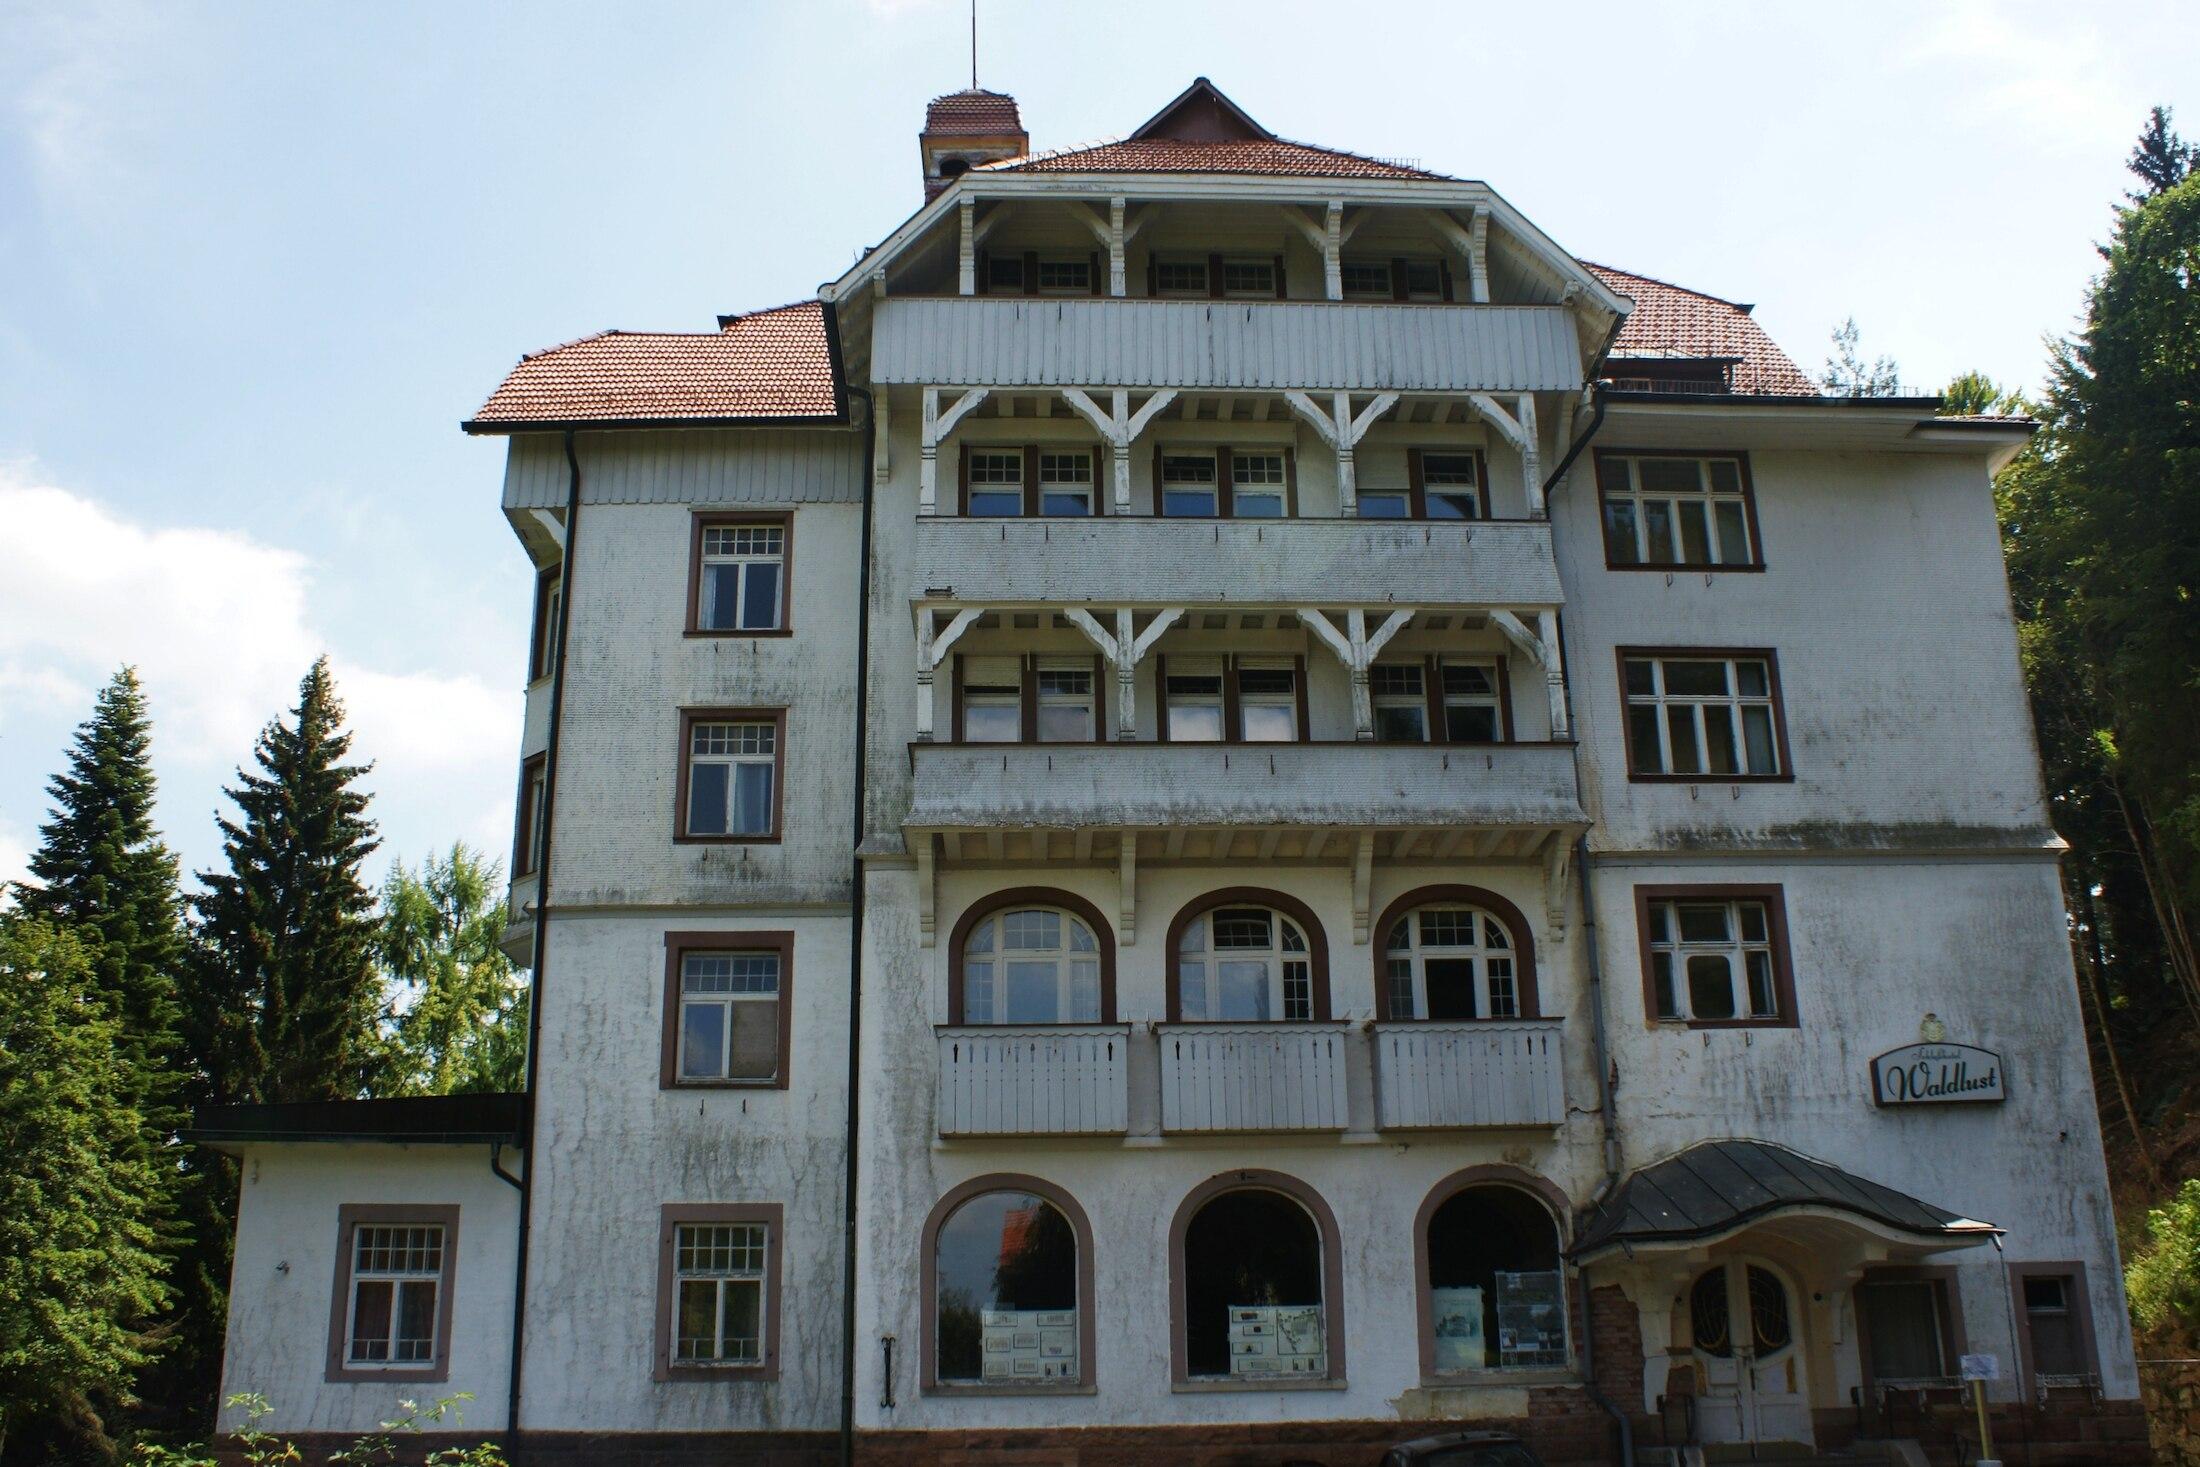 Grusel Hotel Deutschland